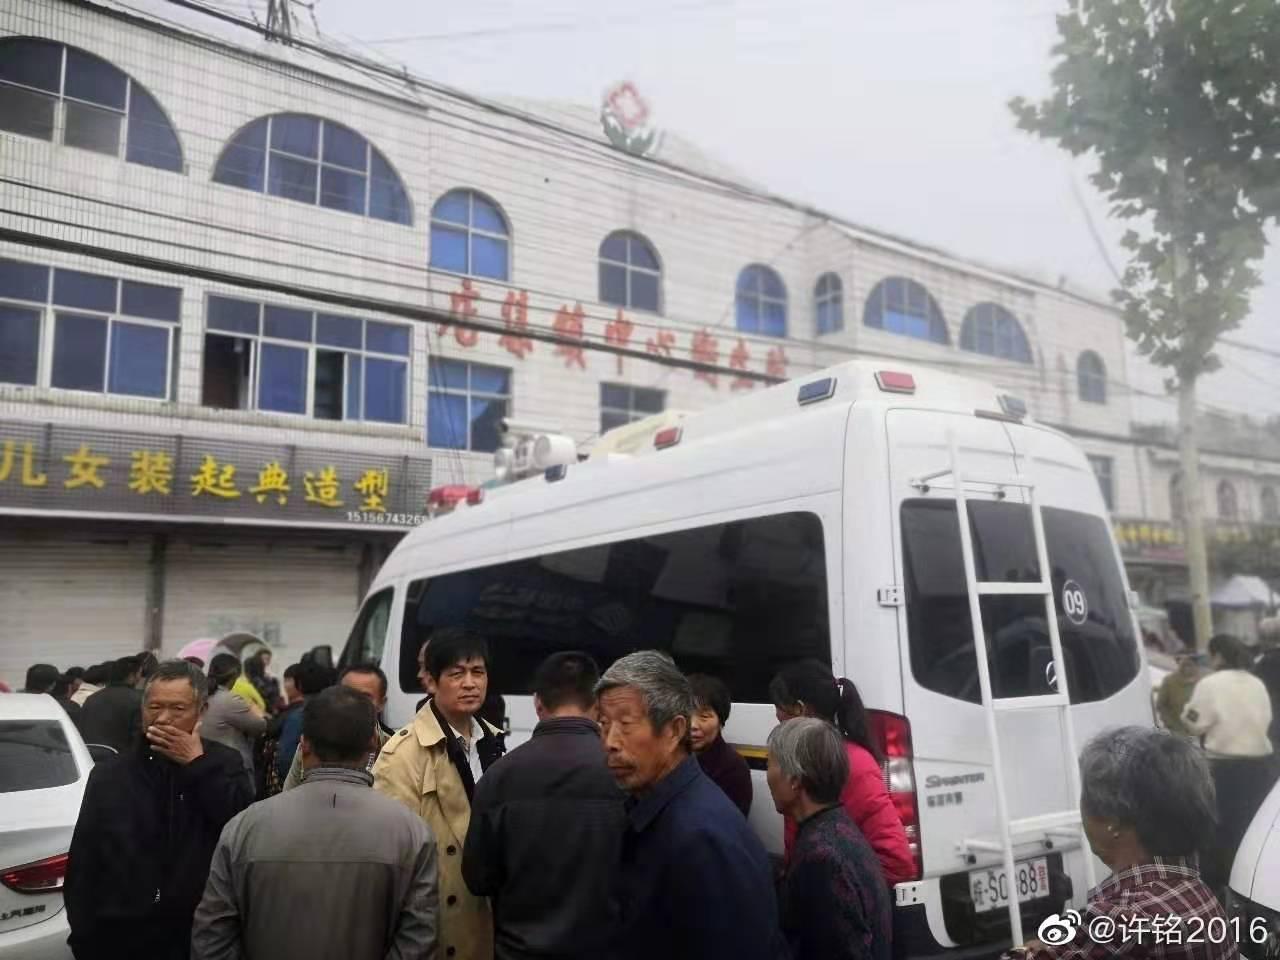 安徽省亳州市渦陽縣店集鎮衛生院。(圖片來源於網絡)